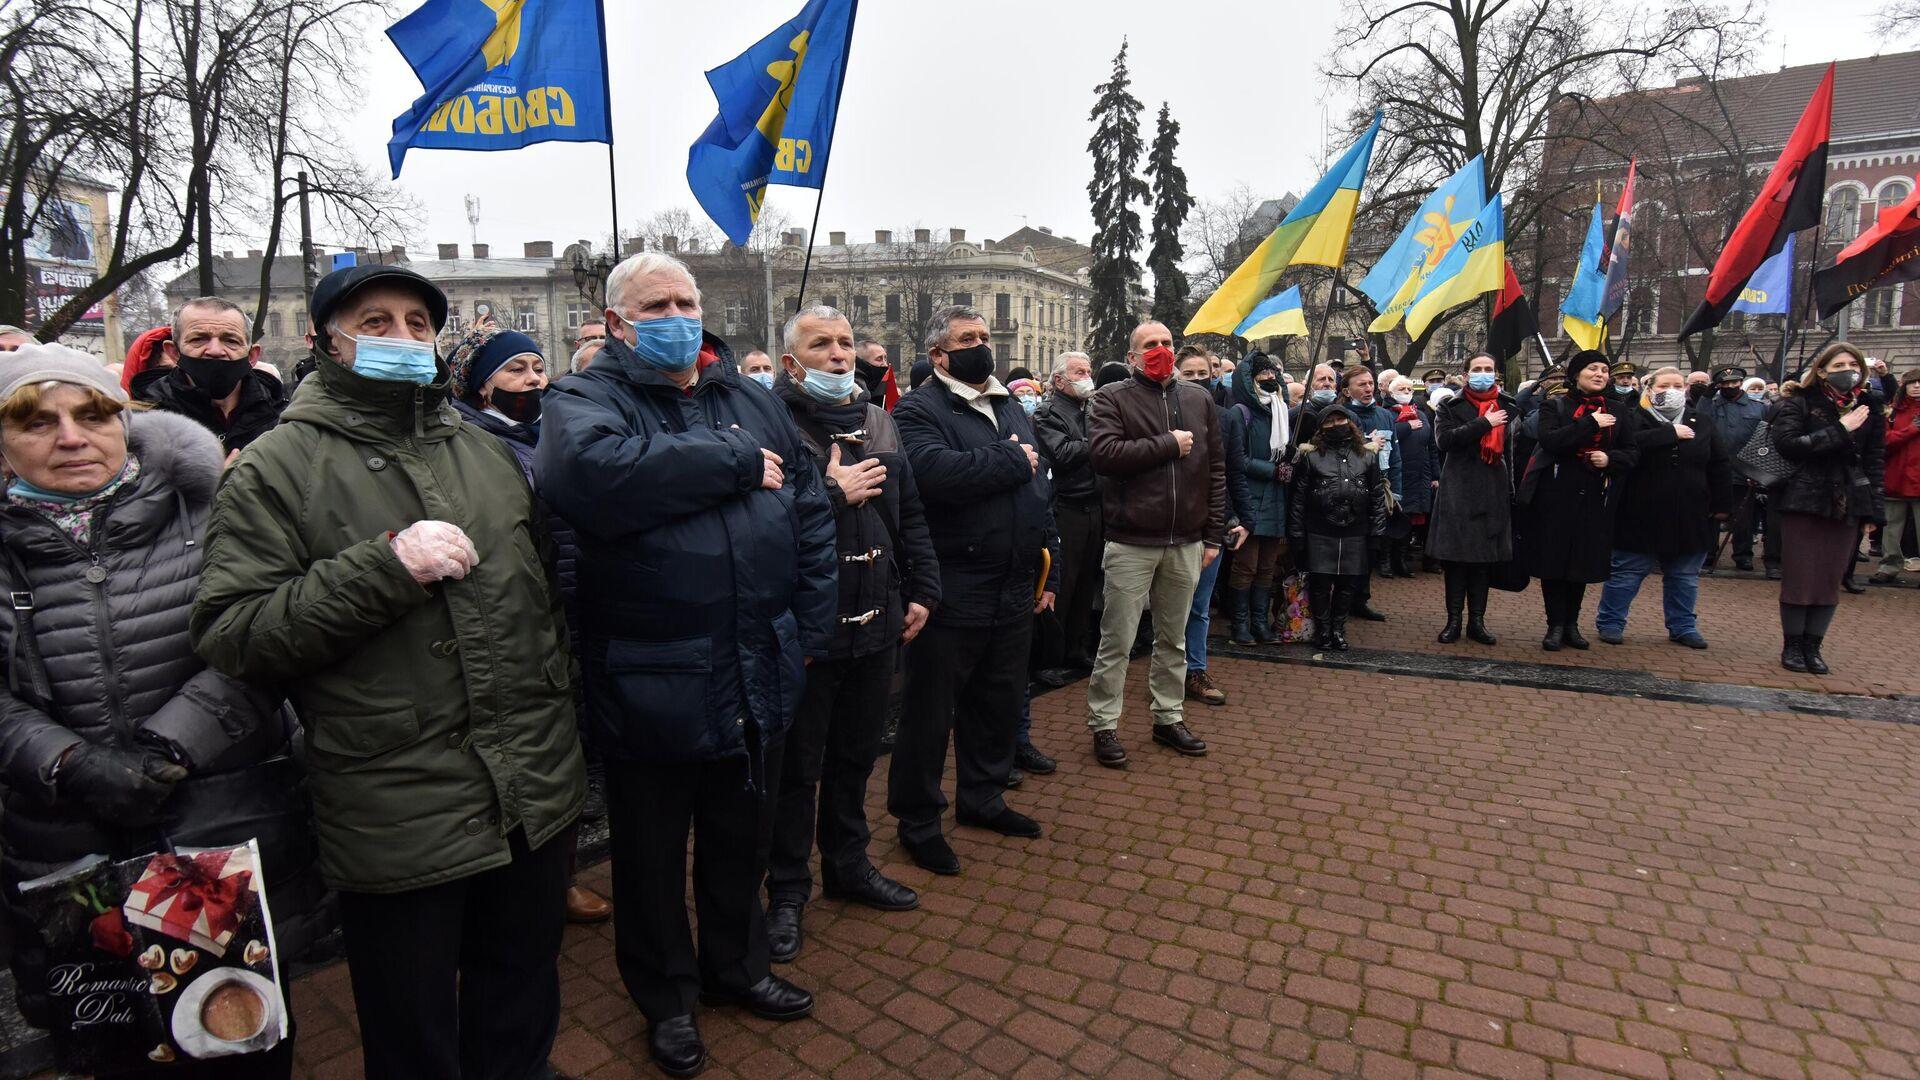 Участники митинга, приуроченного к 112 годовщине со дня рождения Степана Бандеры, во Львове - РИА Новости, 1920, 05.01.2021